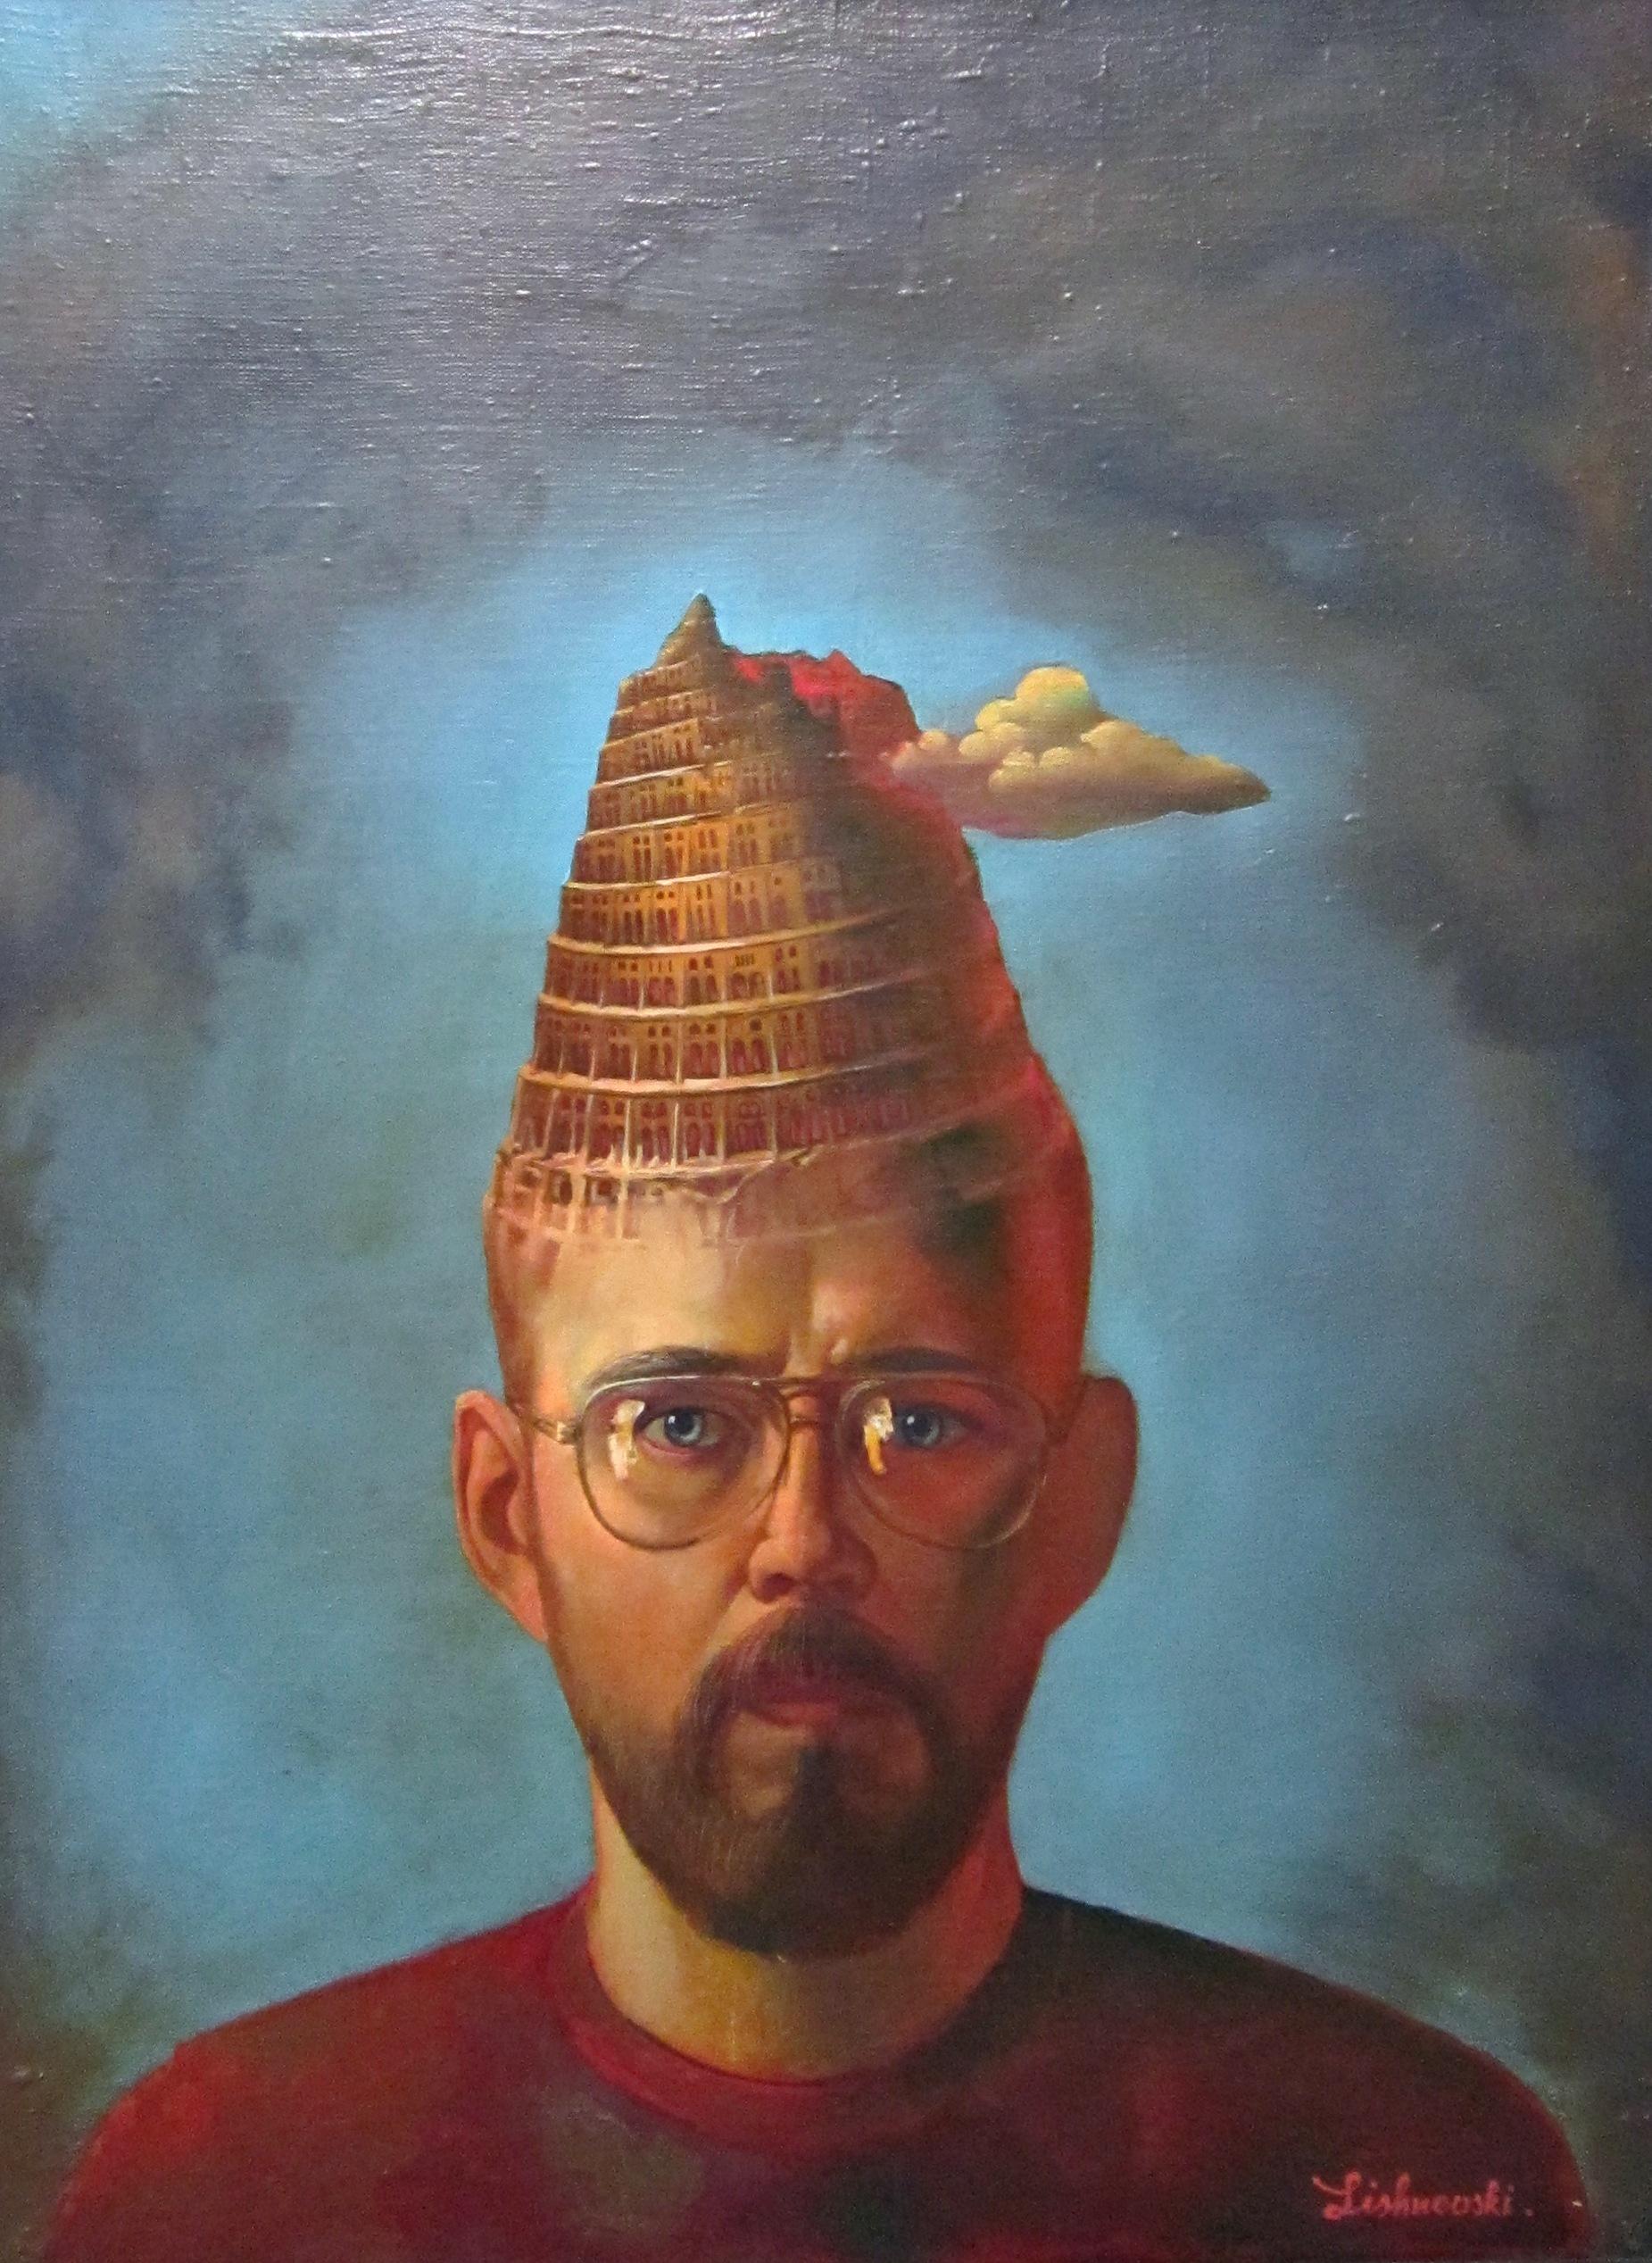 Александр,Александрович Лишневский (род. в 1958 году). Автопортрет. 2000 год.